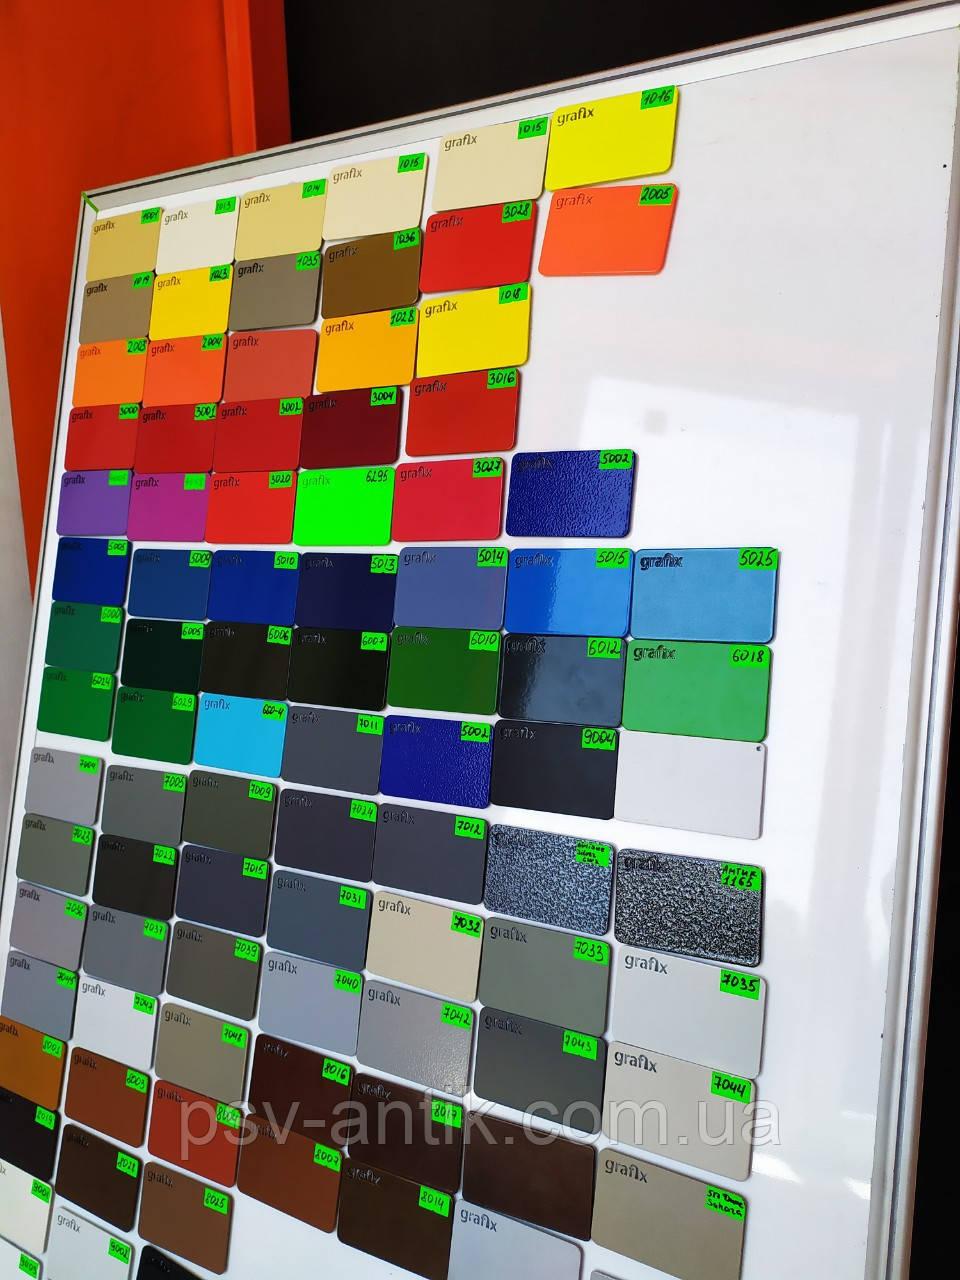 Порошковая краска матовая, полиэфирная, архитектурная, 9001